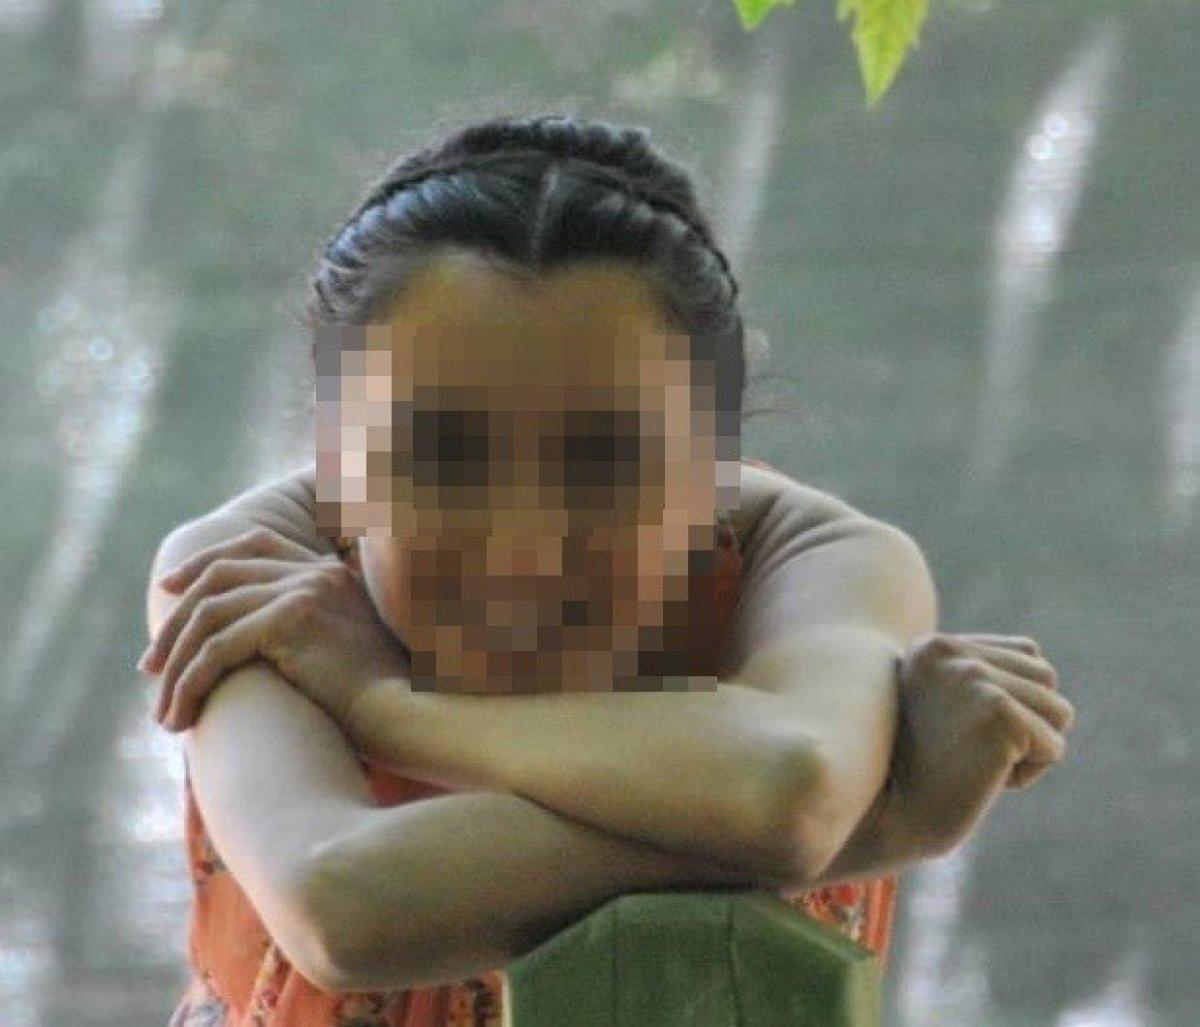 Bursa'da Tecavüz Girişiminde Bulunan Adamı Pitbull Yakaladı6456456